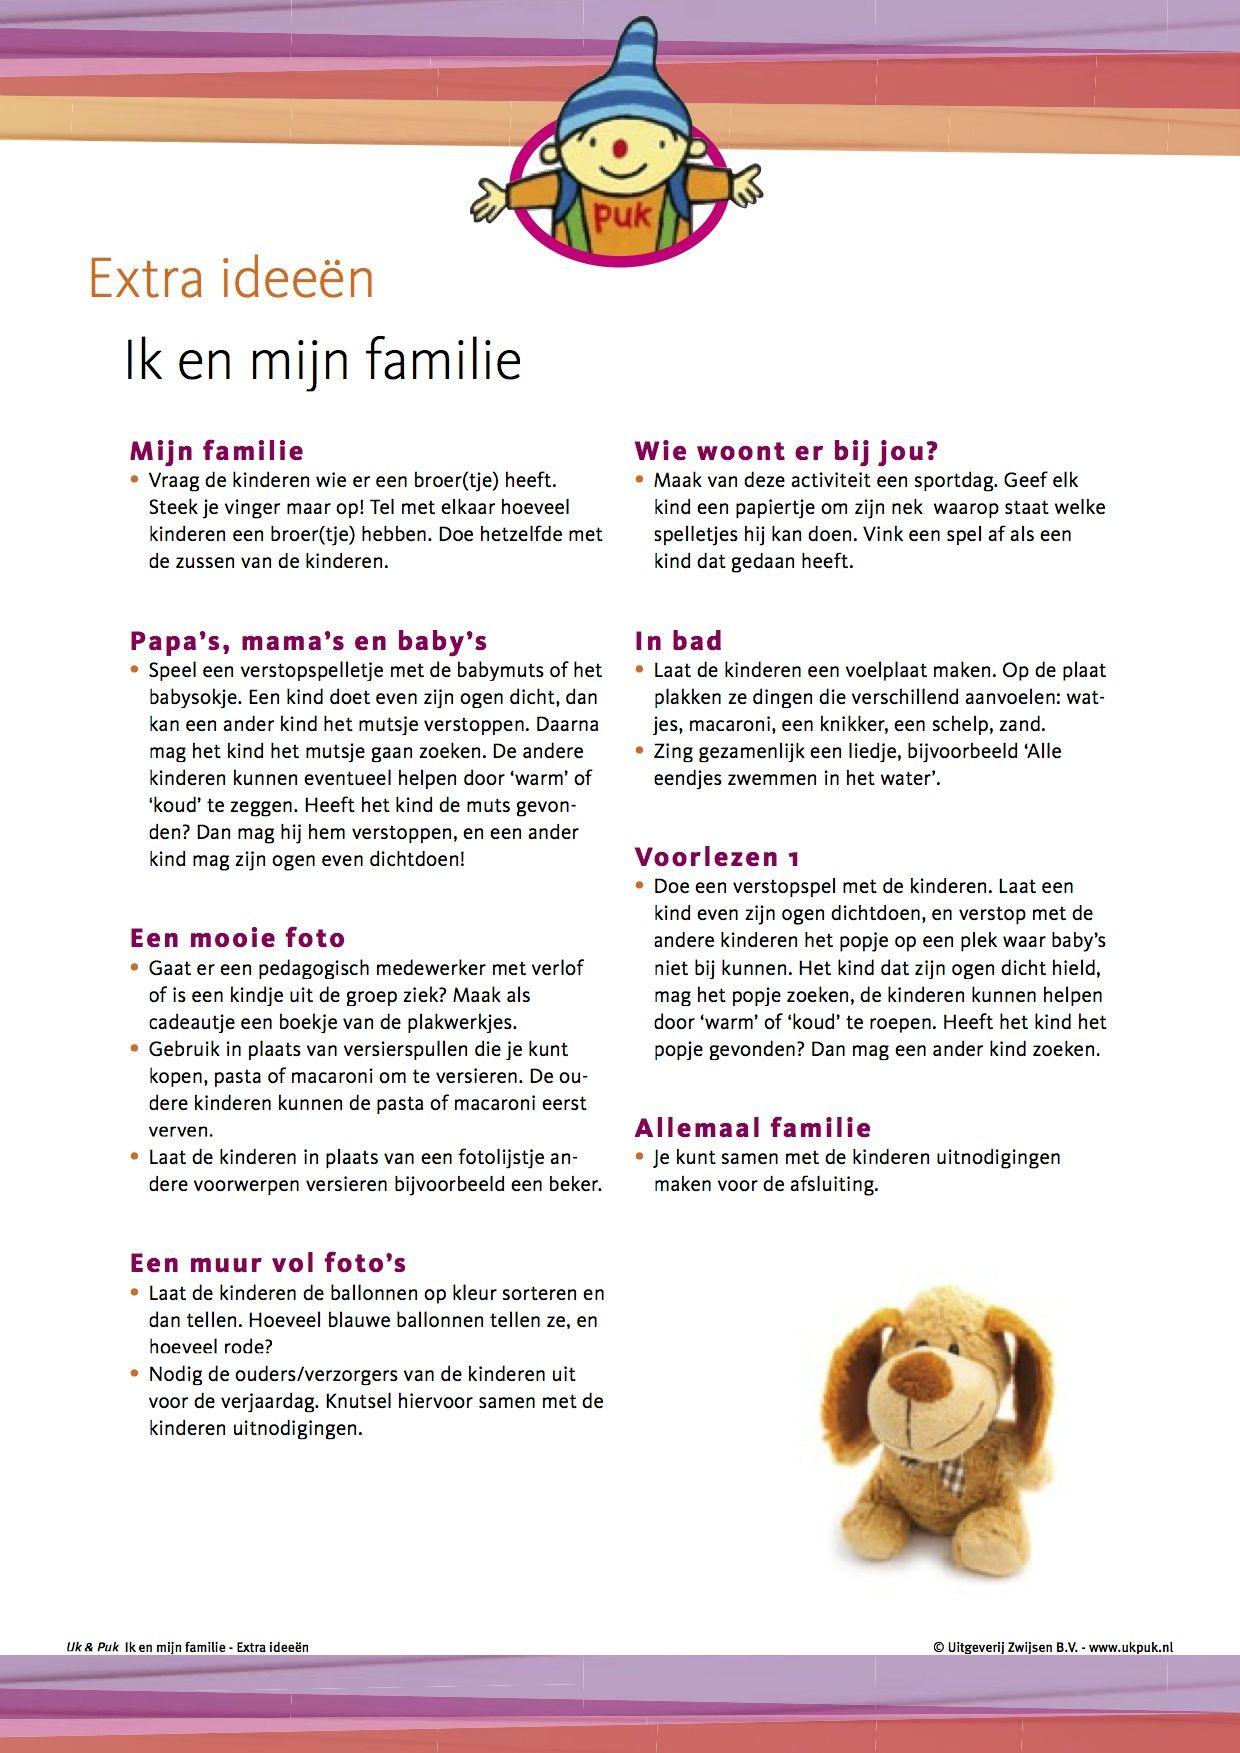 Bedwelming Extra activiteiten Ik en mijn familie | Nt2 - Family theme @UF91